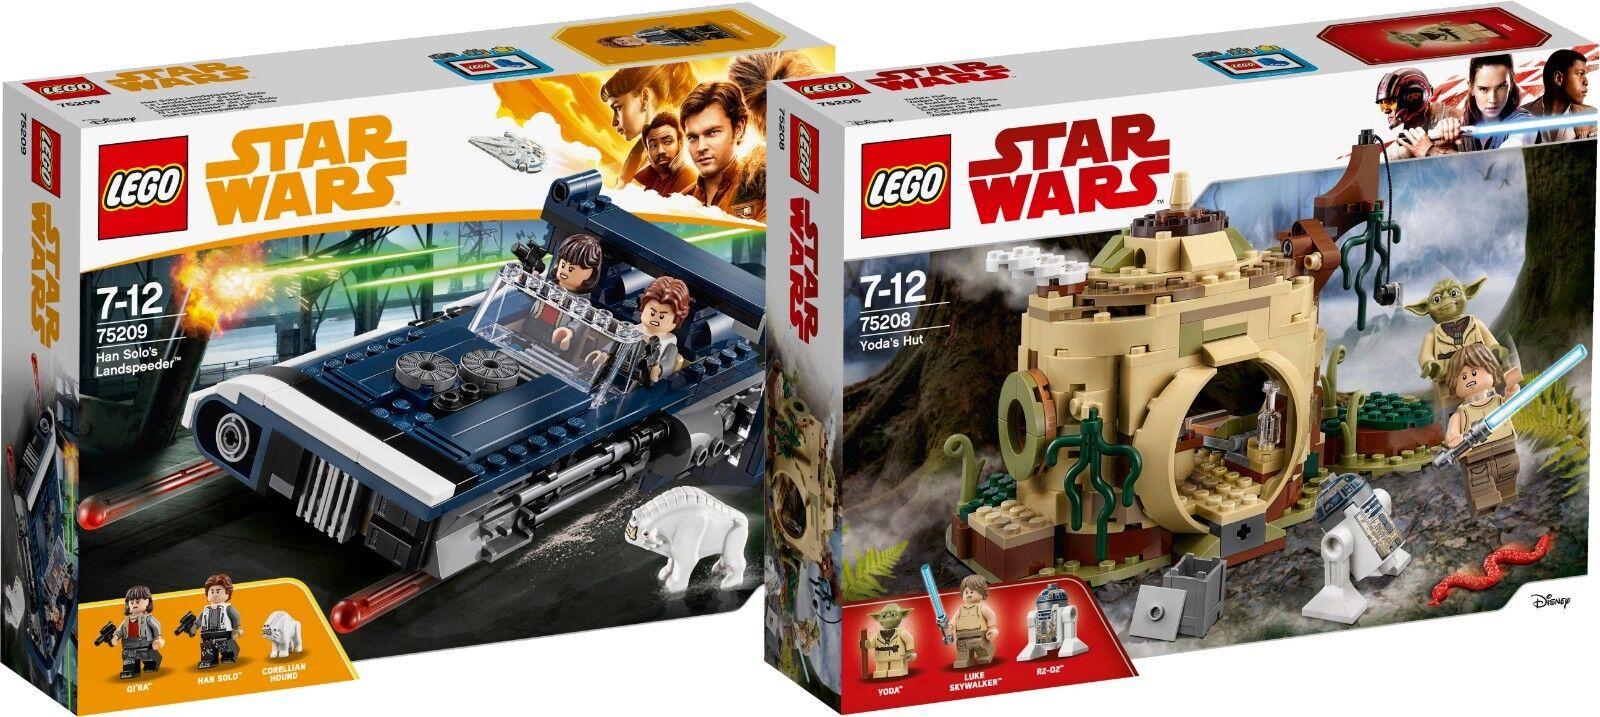 Lego Estrella Wars han solo's landspeeder 75209 y 75208 Yoda cabaña n5 18